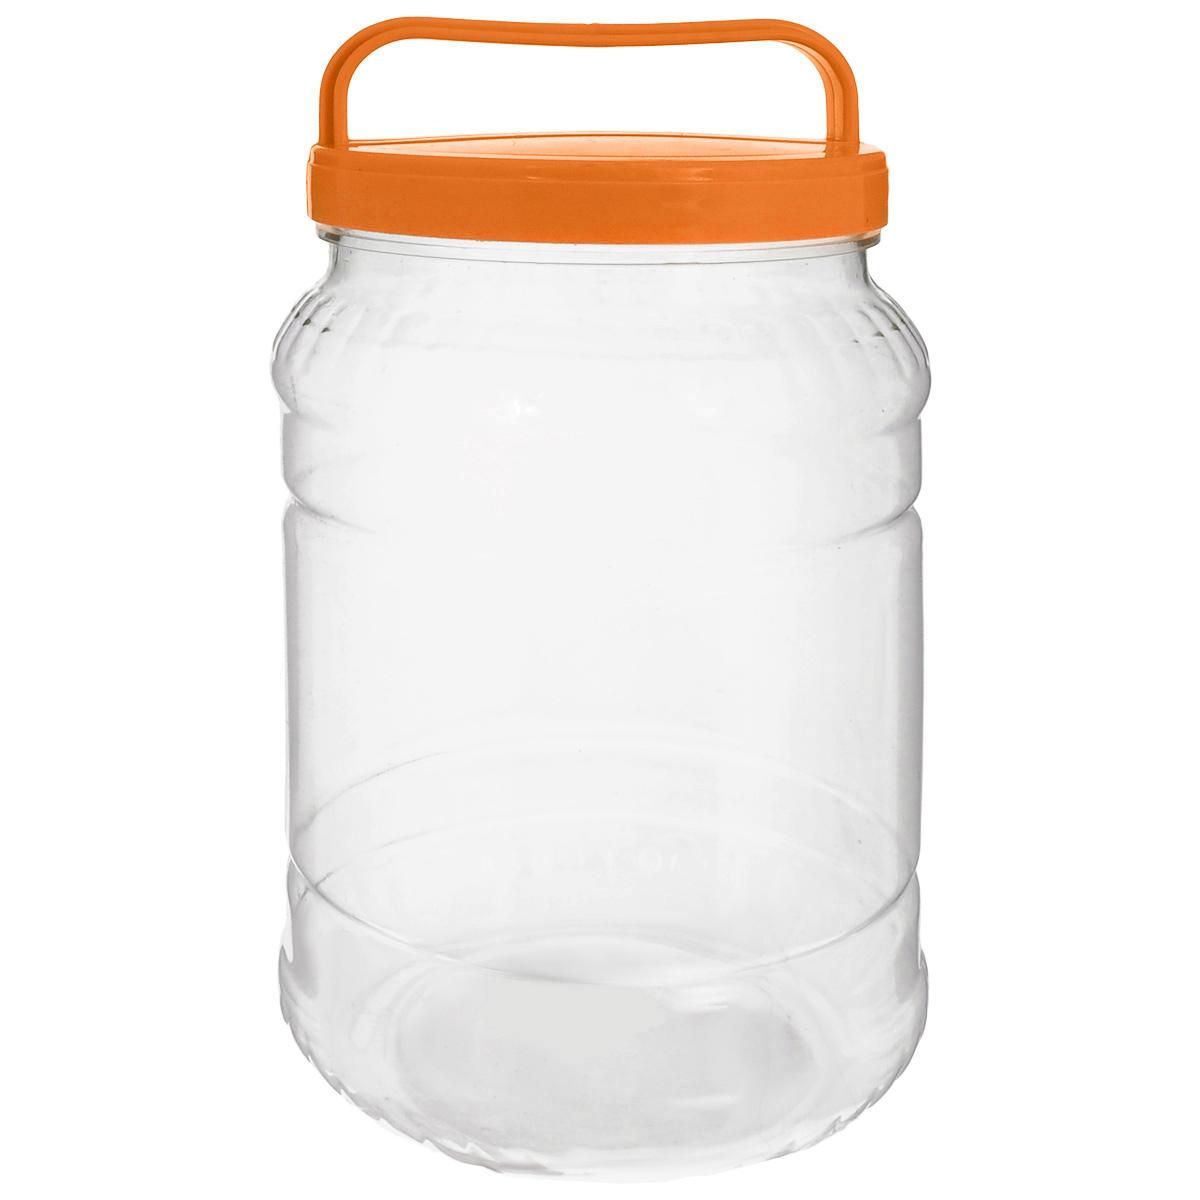 Бидон Альтернатива, цвет: прозрачный, оранжевый, 2 лМ461_оранжевыйБидон Альтернатива предназначен для хранения и переноски пищевых продуктов, таких как молоко, вода и прочее. Выполнен из пищевого высококачественного пластика. Оснащен ручкой для удобной переноски. Бидон Альтернатива станет незаменимым аксессуаром на вашей кухне. Высота бидона (без учета крышки): 20,5 см. Диаметр: 10,5 см.